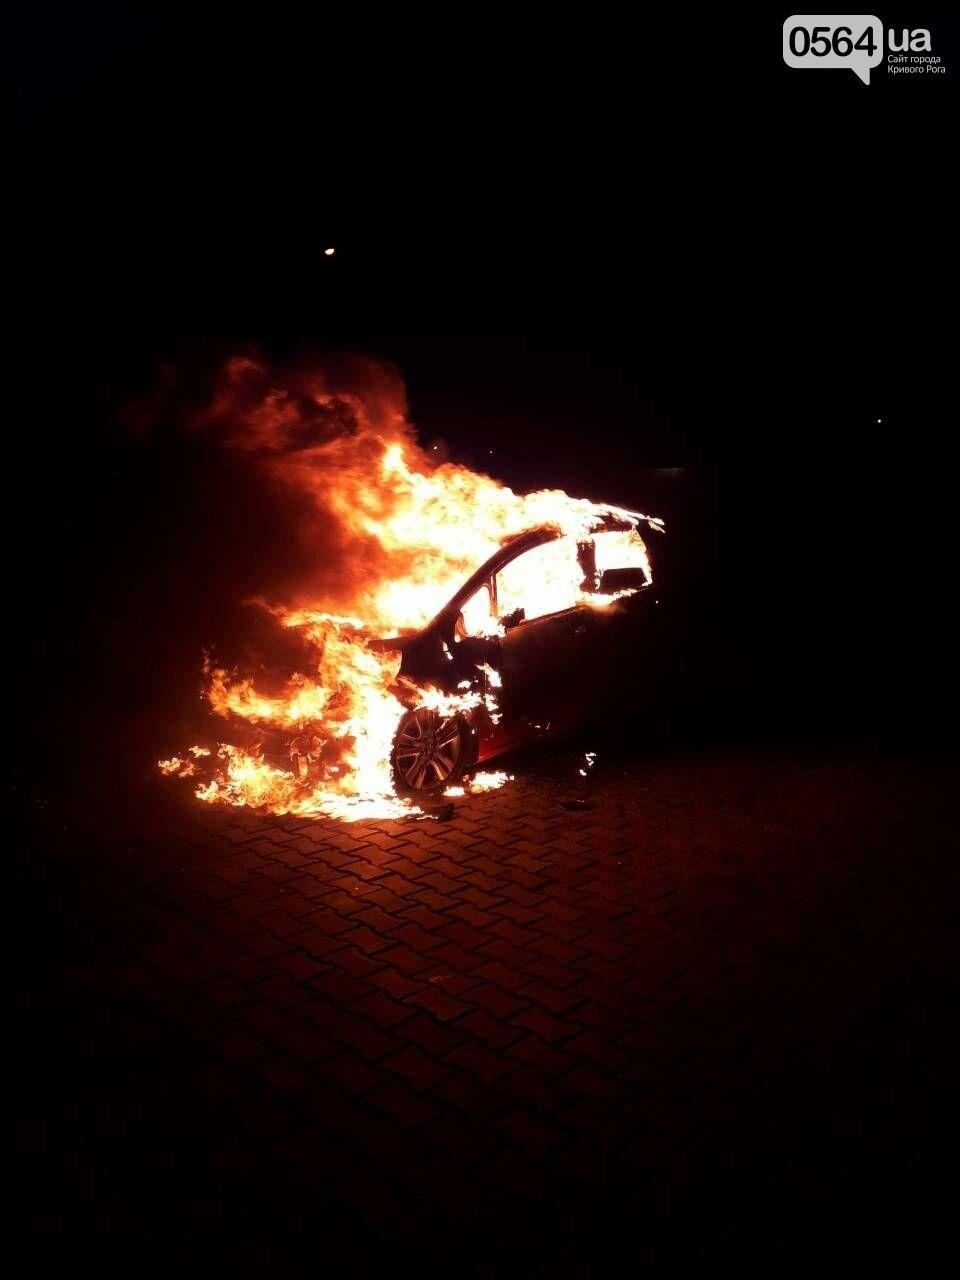 В Кривом Роге: избили патрульного, согжгли авто, подняли тариф на отопление , фото-3